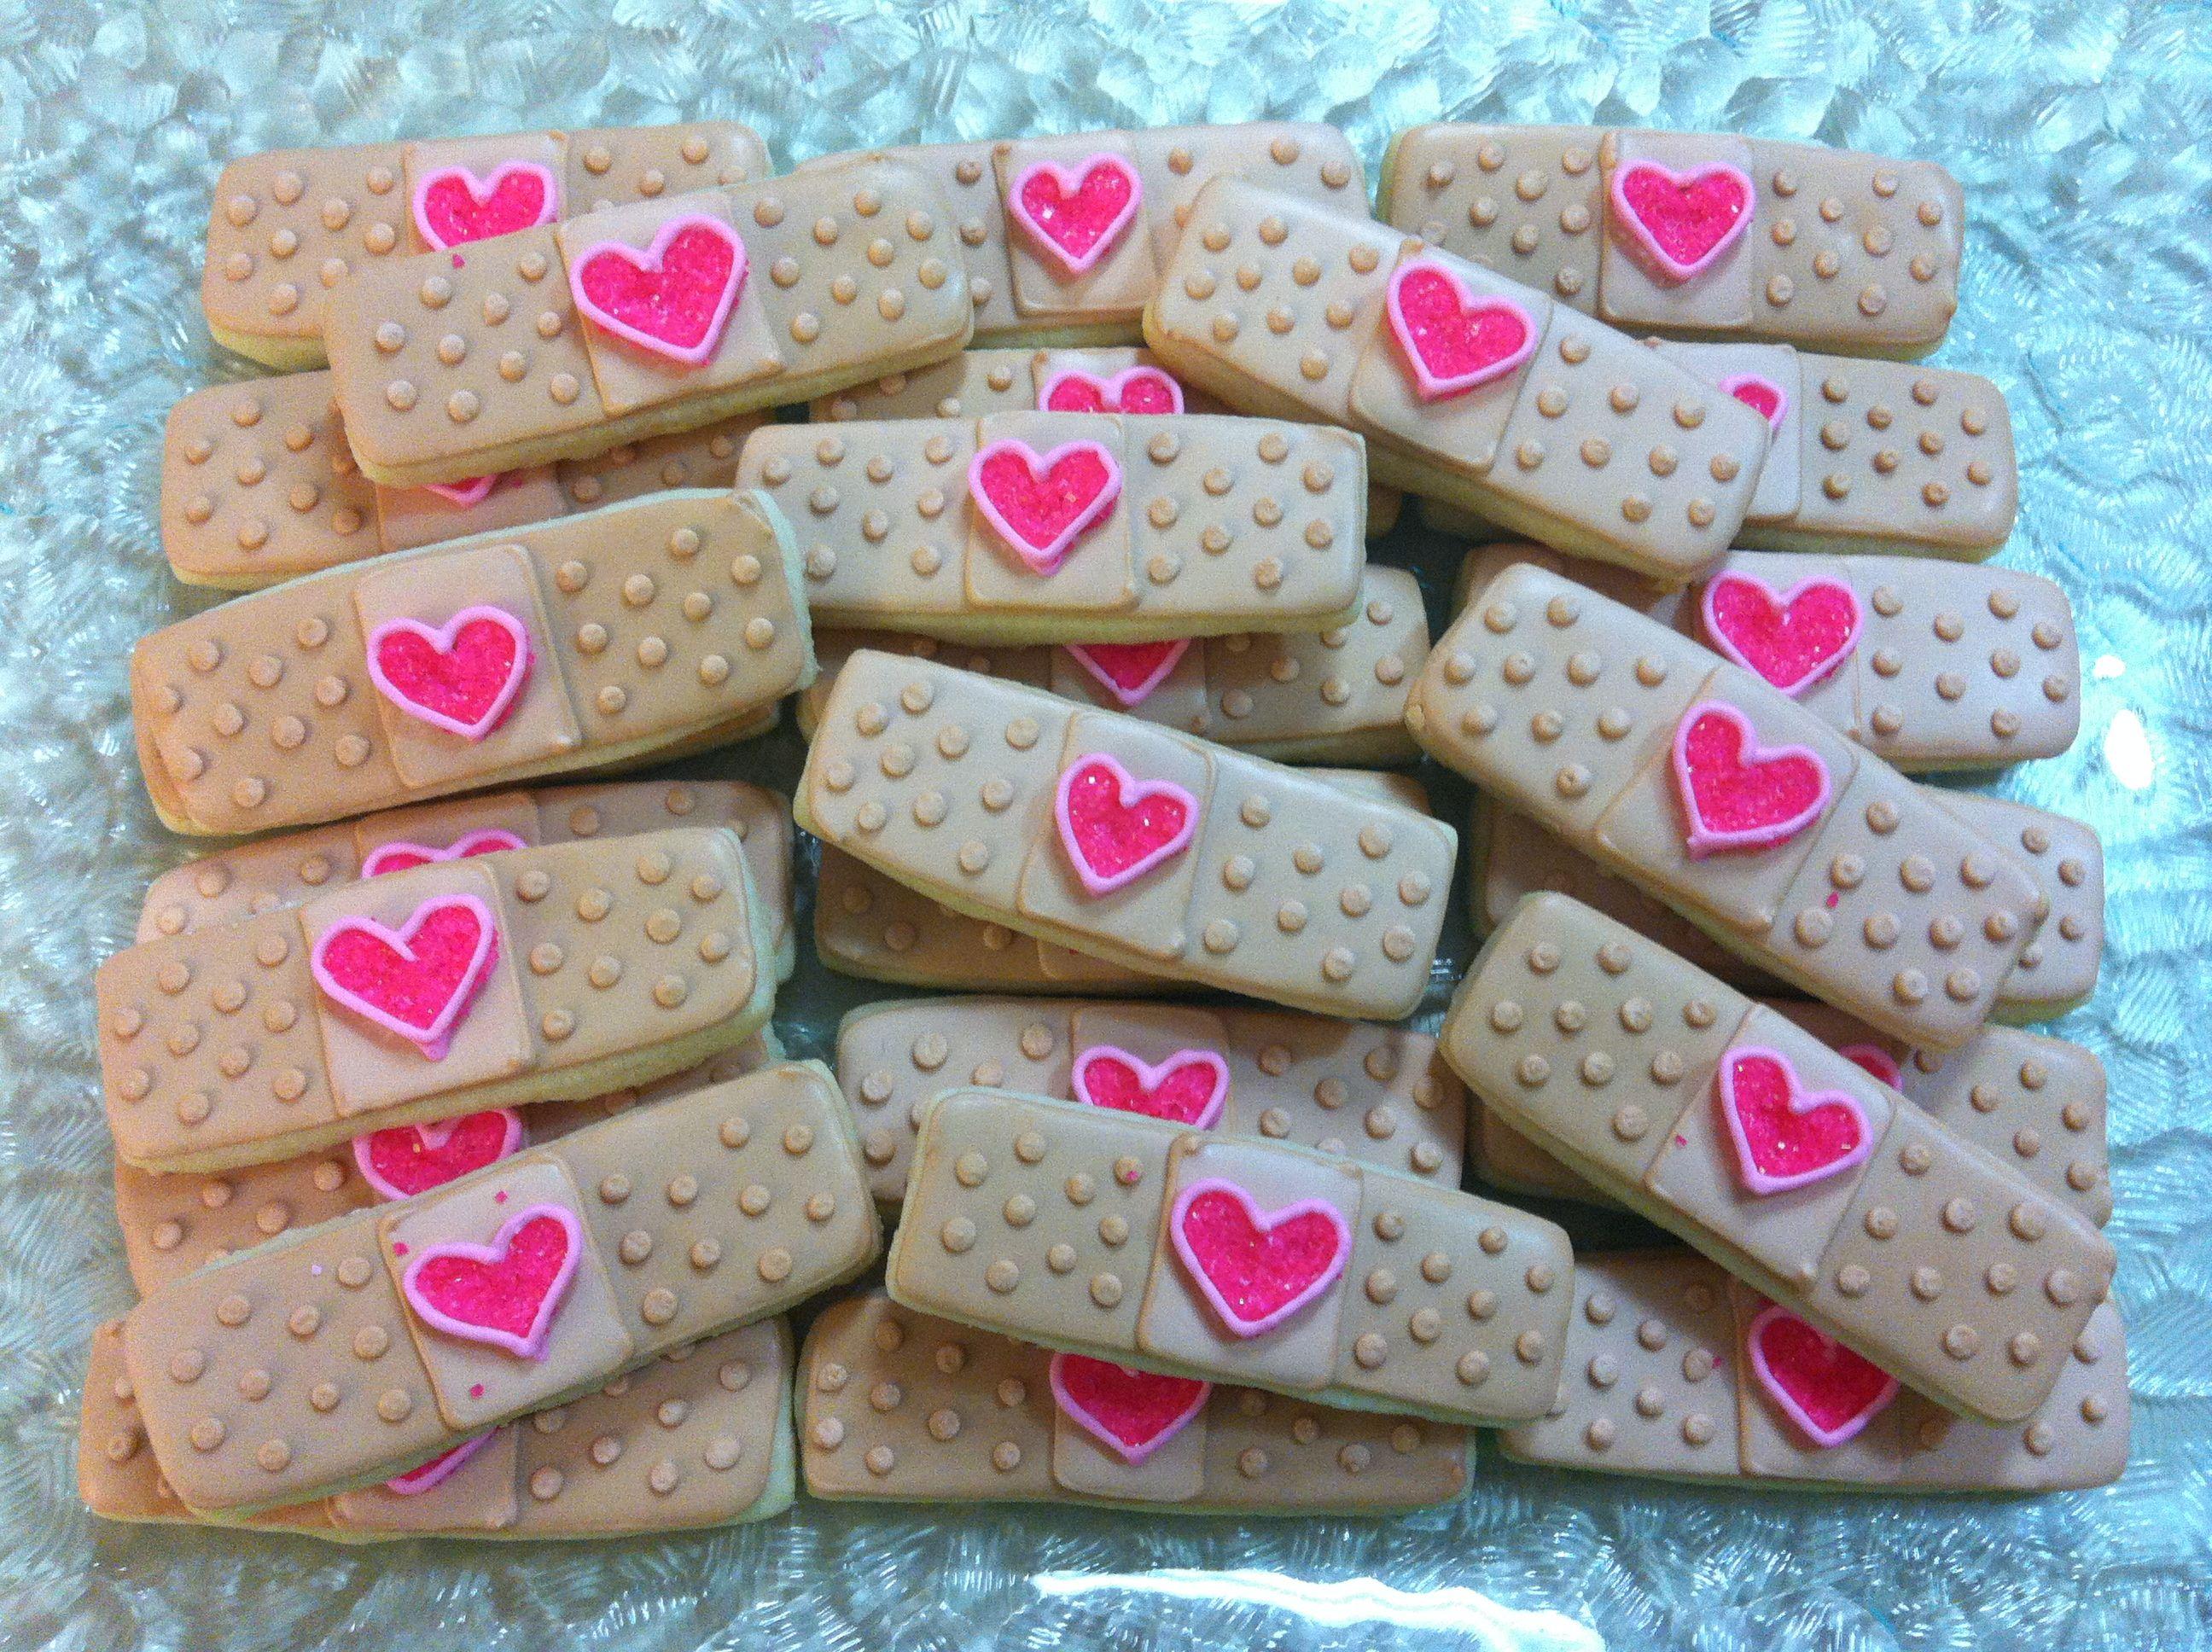 Doc mcstuffins bandages doc mcstuffins party ideas on pinterest doc - Doc Mcstuffins Sugar Cookies By Rachelle S Cookie Factory Www Facebook Com Rachellescookiefactory